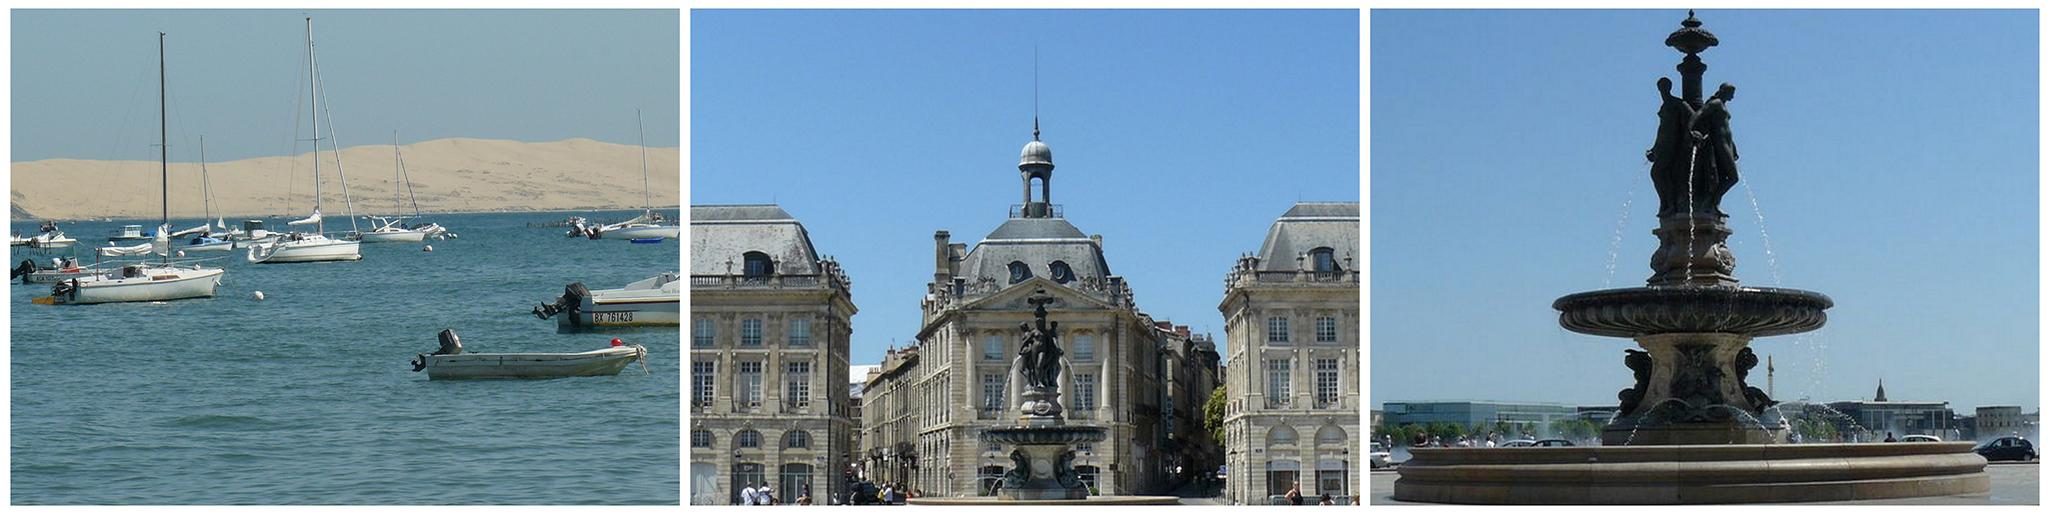 Fabrication d'Enseignes et signalétique - Édition - Imprimerie - Internet - Bordeaux Gironde 33